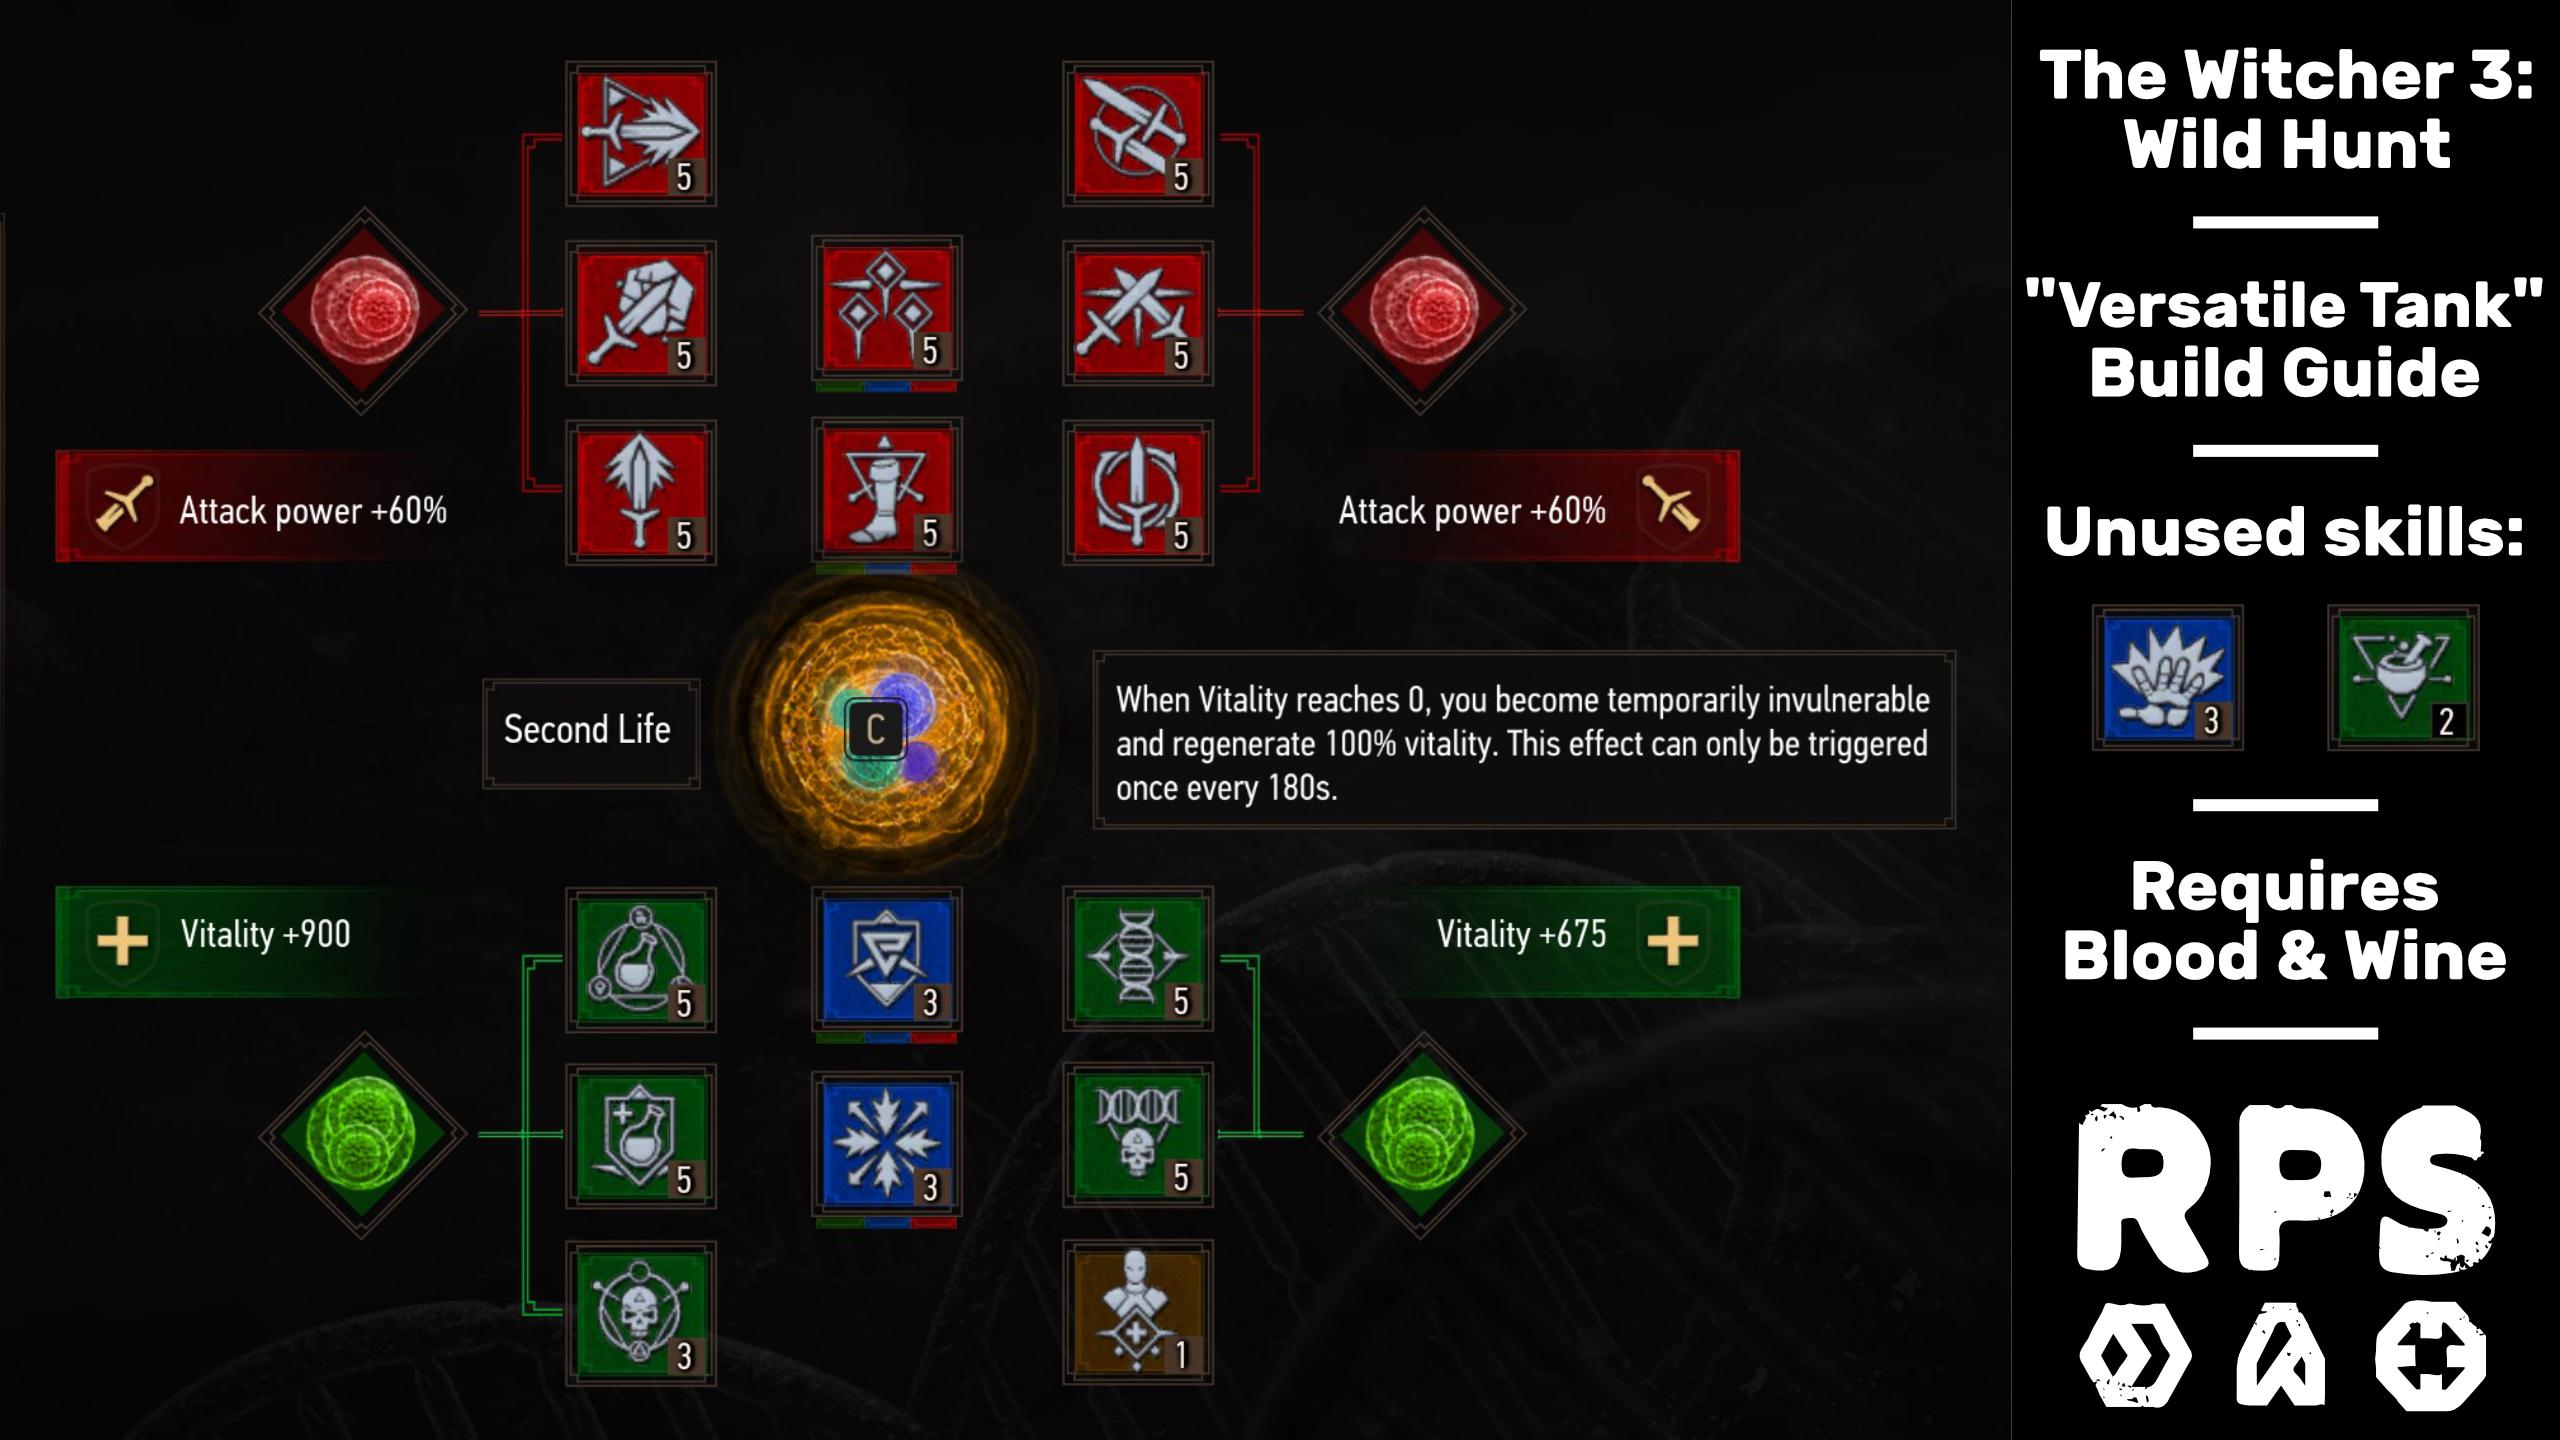 Construcciones de The Witcher 3: construcción versátil de tanques